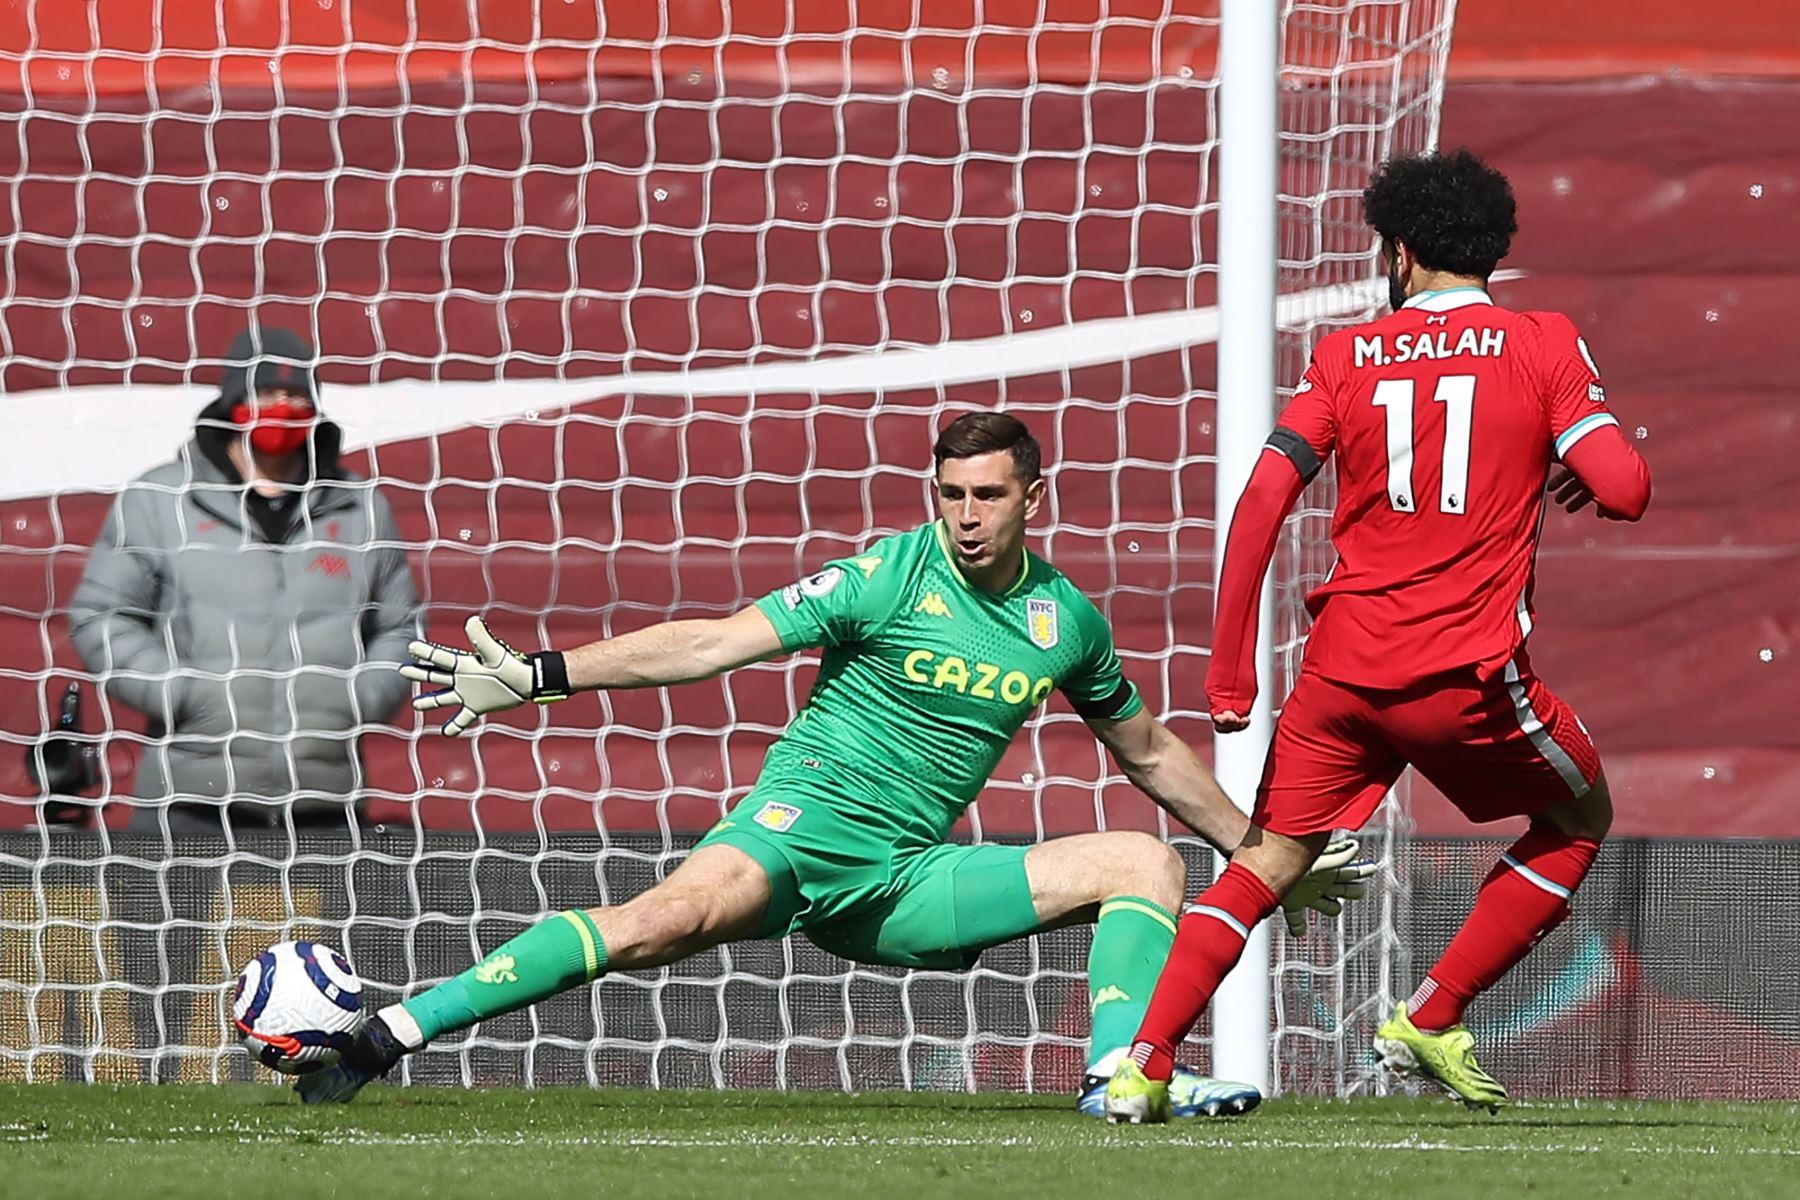 El centrocampista egipcio del Liverpool Mohamed Salah pierde una oportunidad de gol durante el partido de fútbol de la Premier League inglesa entre Liverpool y Aston Villa. Foto: AFP